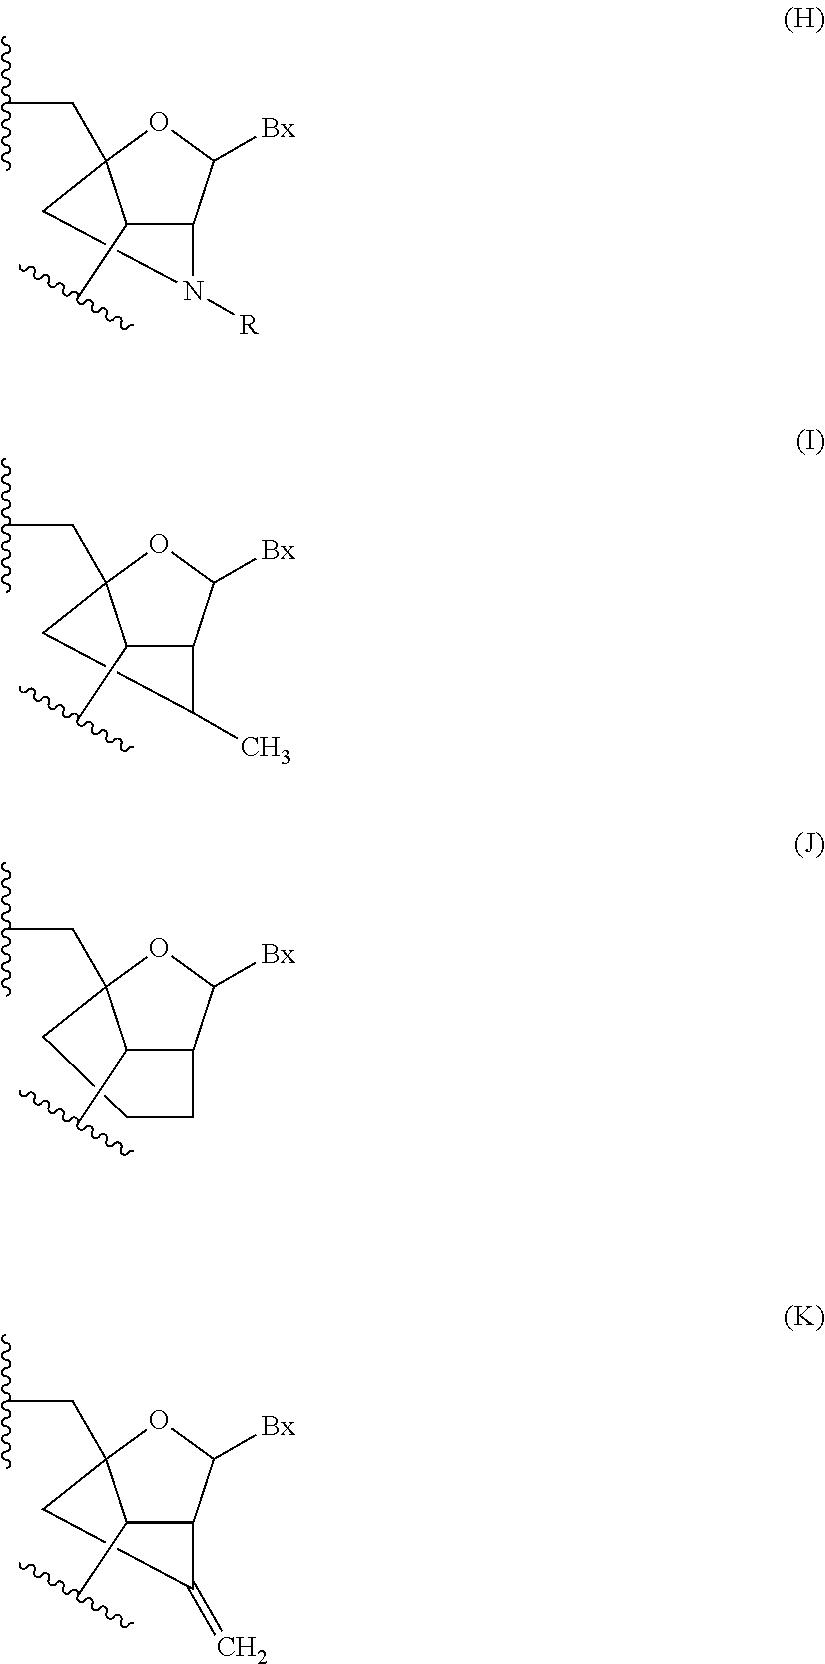 Figure US09593333-20170314-C00008